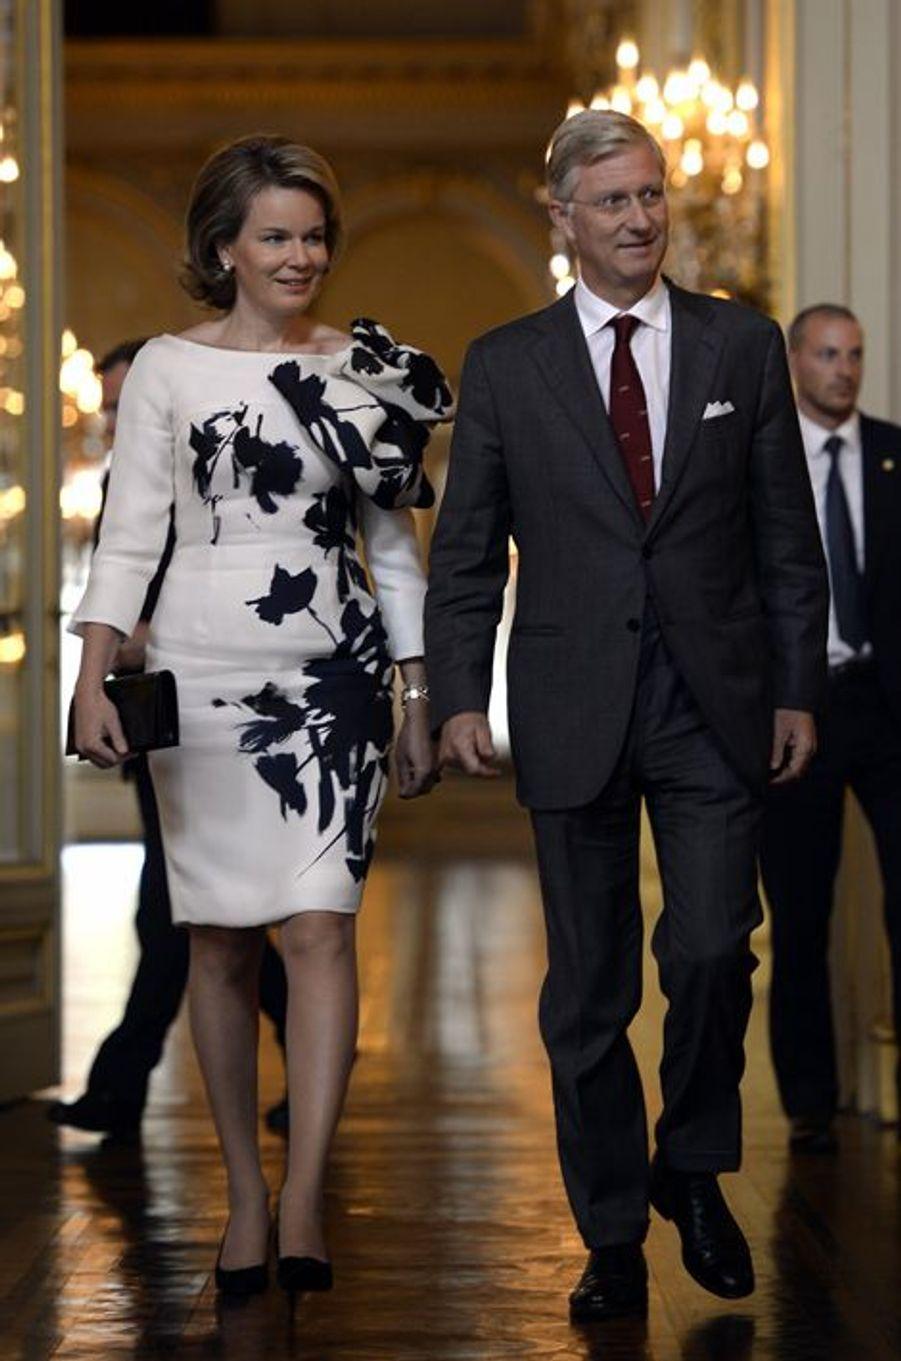 La reine Mathilde et le roi Philippe de Belgique à Bruxelles, le 8 octobre 2015